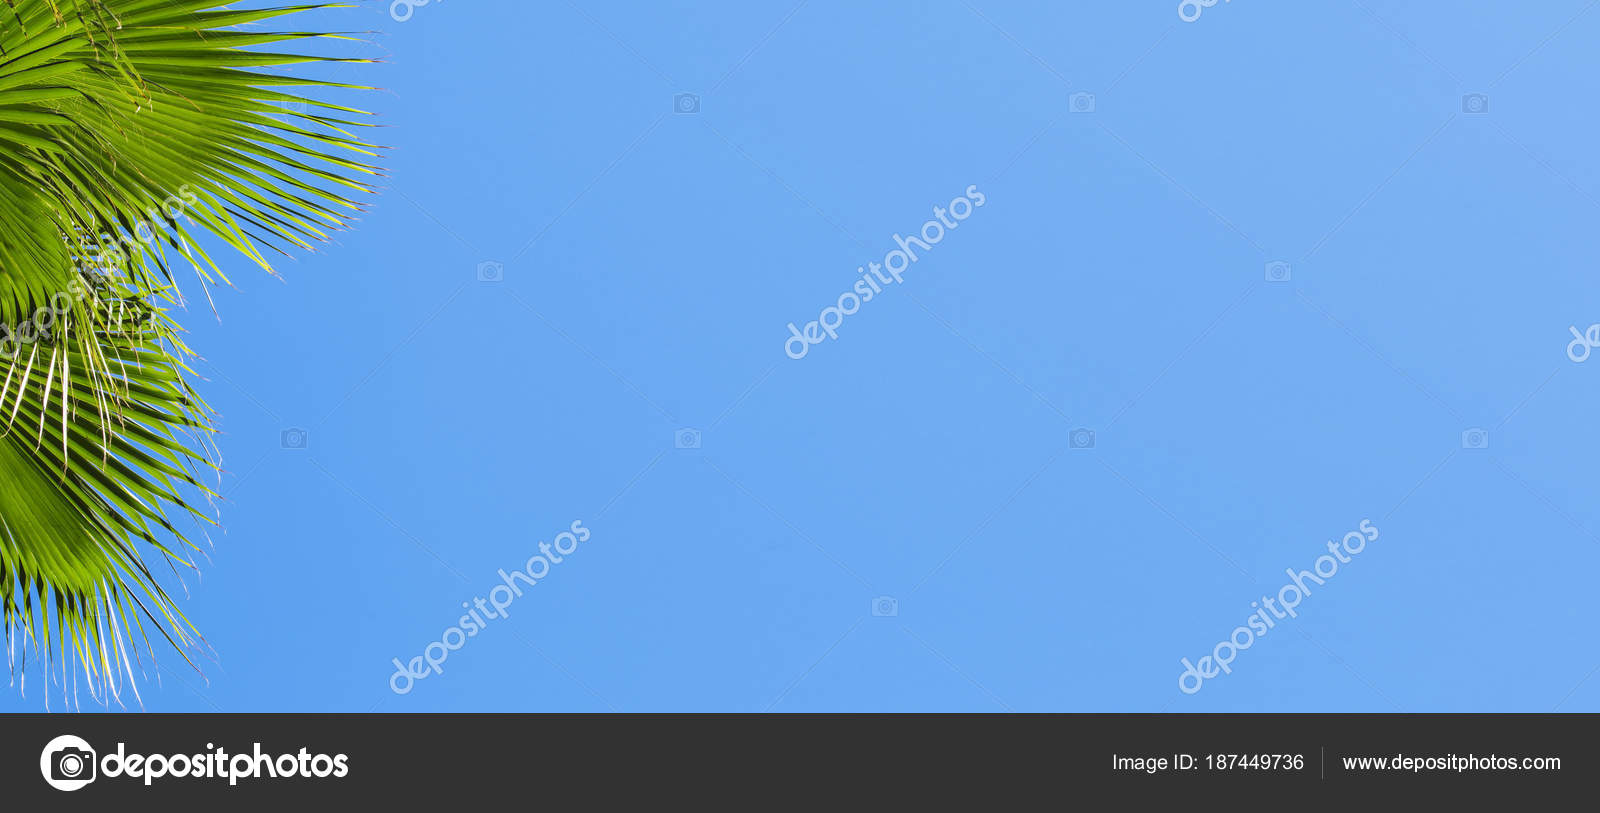 Isoler Les Feuilles Du Palmier Dattier Pour La Banniere De Publicite Carte Visite Images Stock Libres Droits